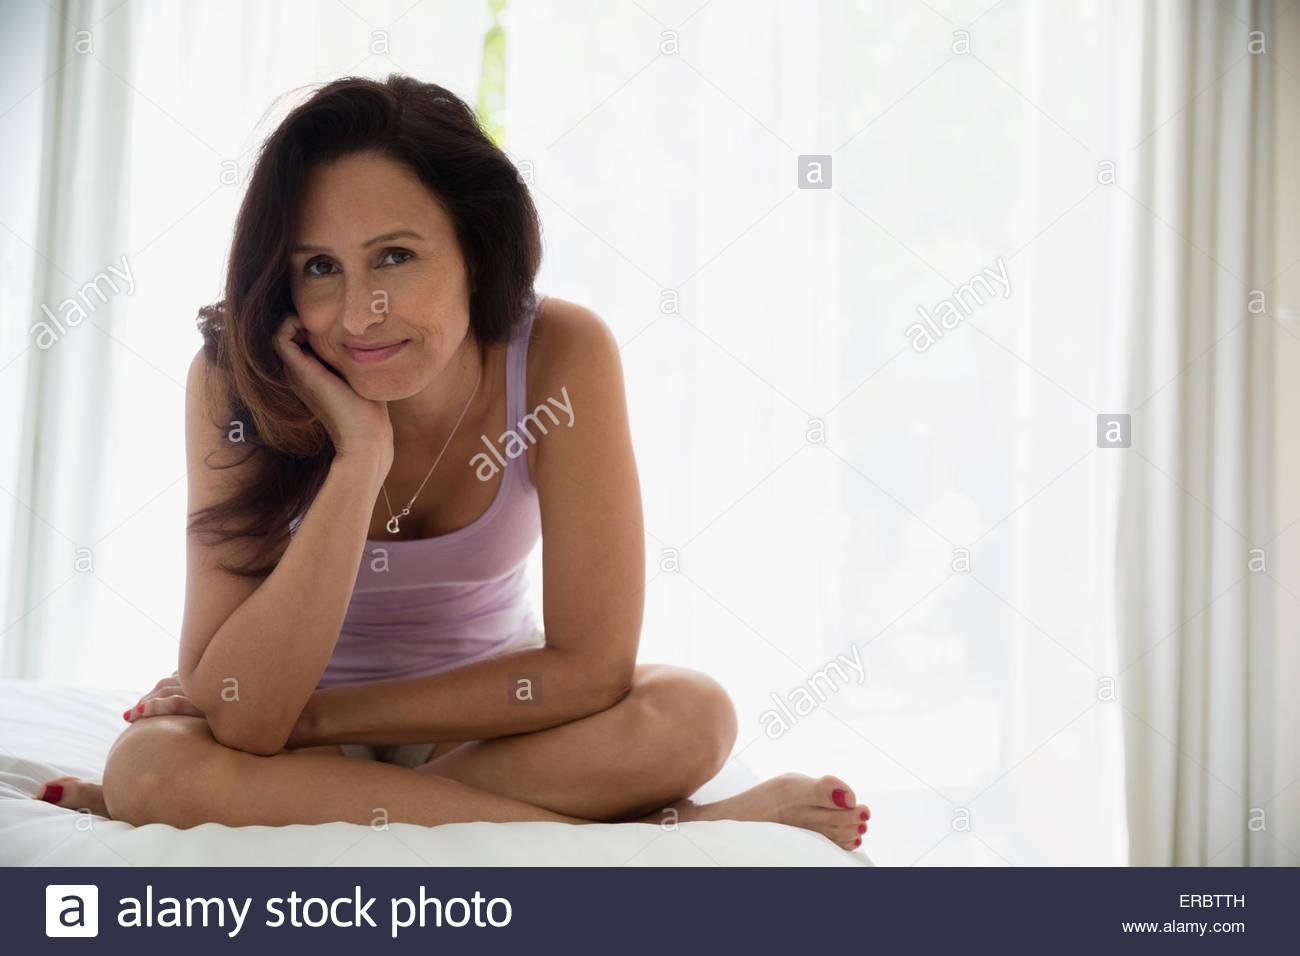 Portrait smiling brunette woman cross-legged in bedroom - Stock Image